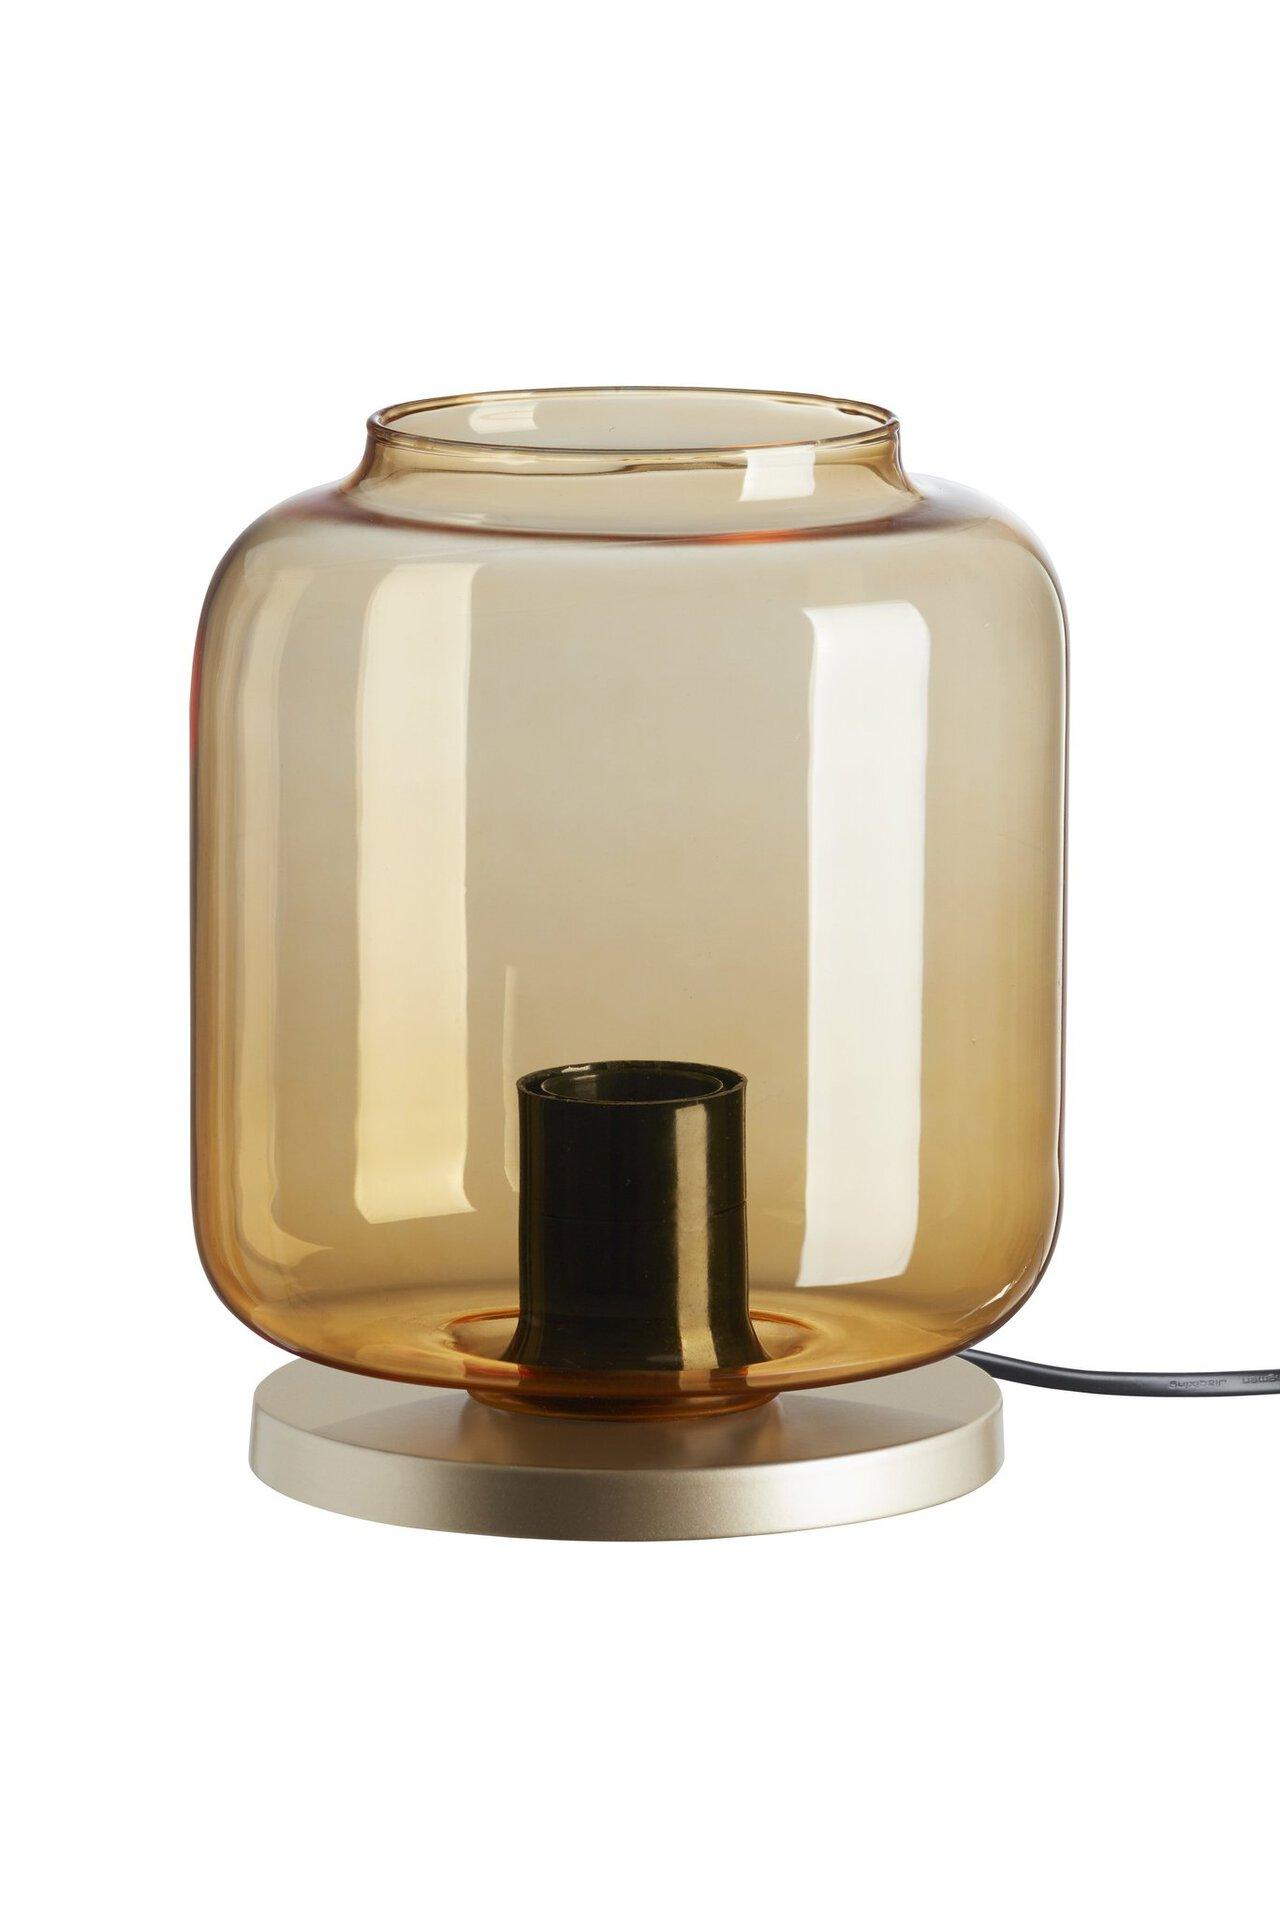 Tischleuchte Klassik Glas Briloner Metall gold 18 x 22 x 18 cm